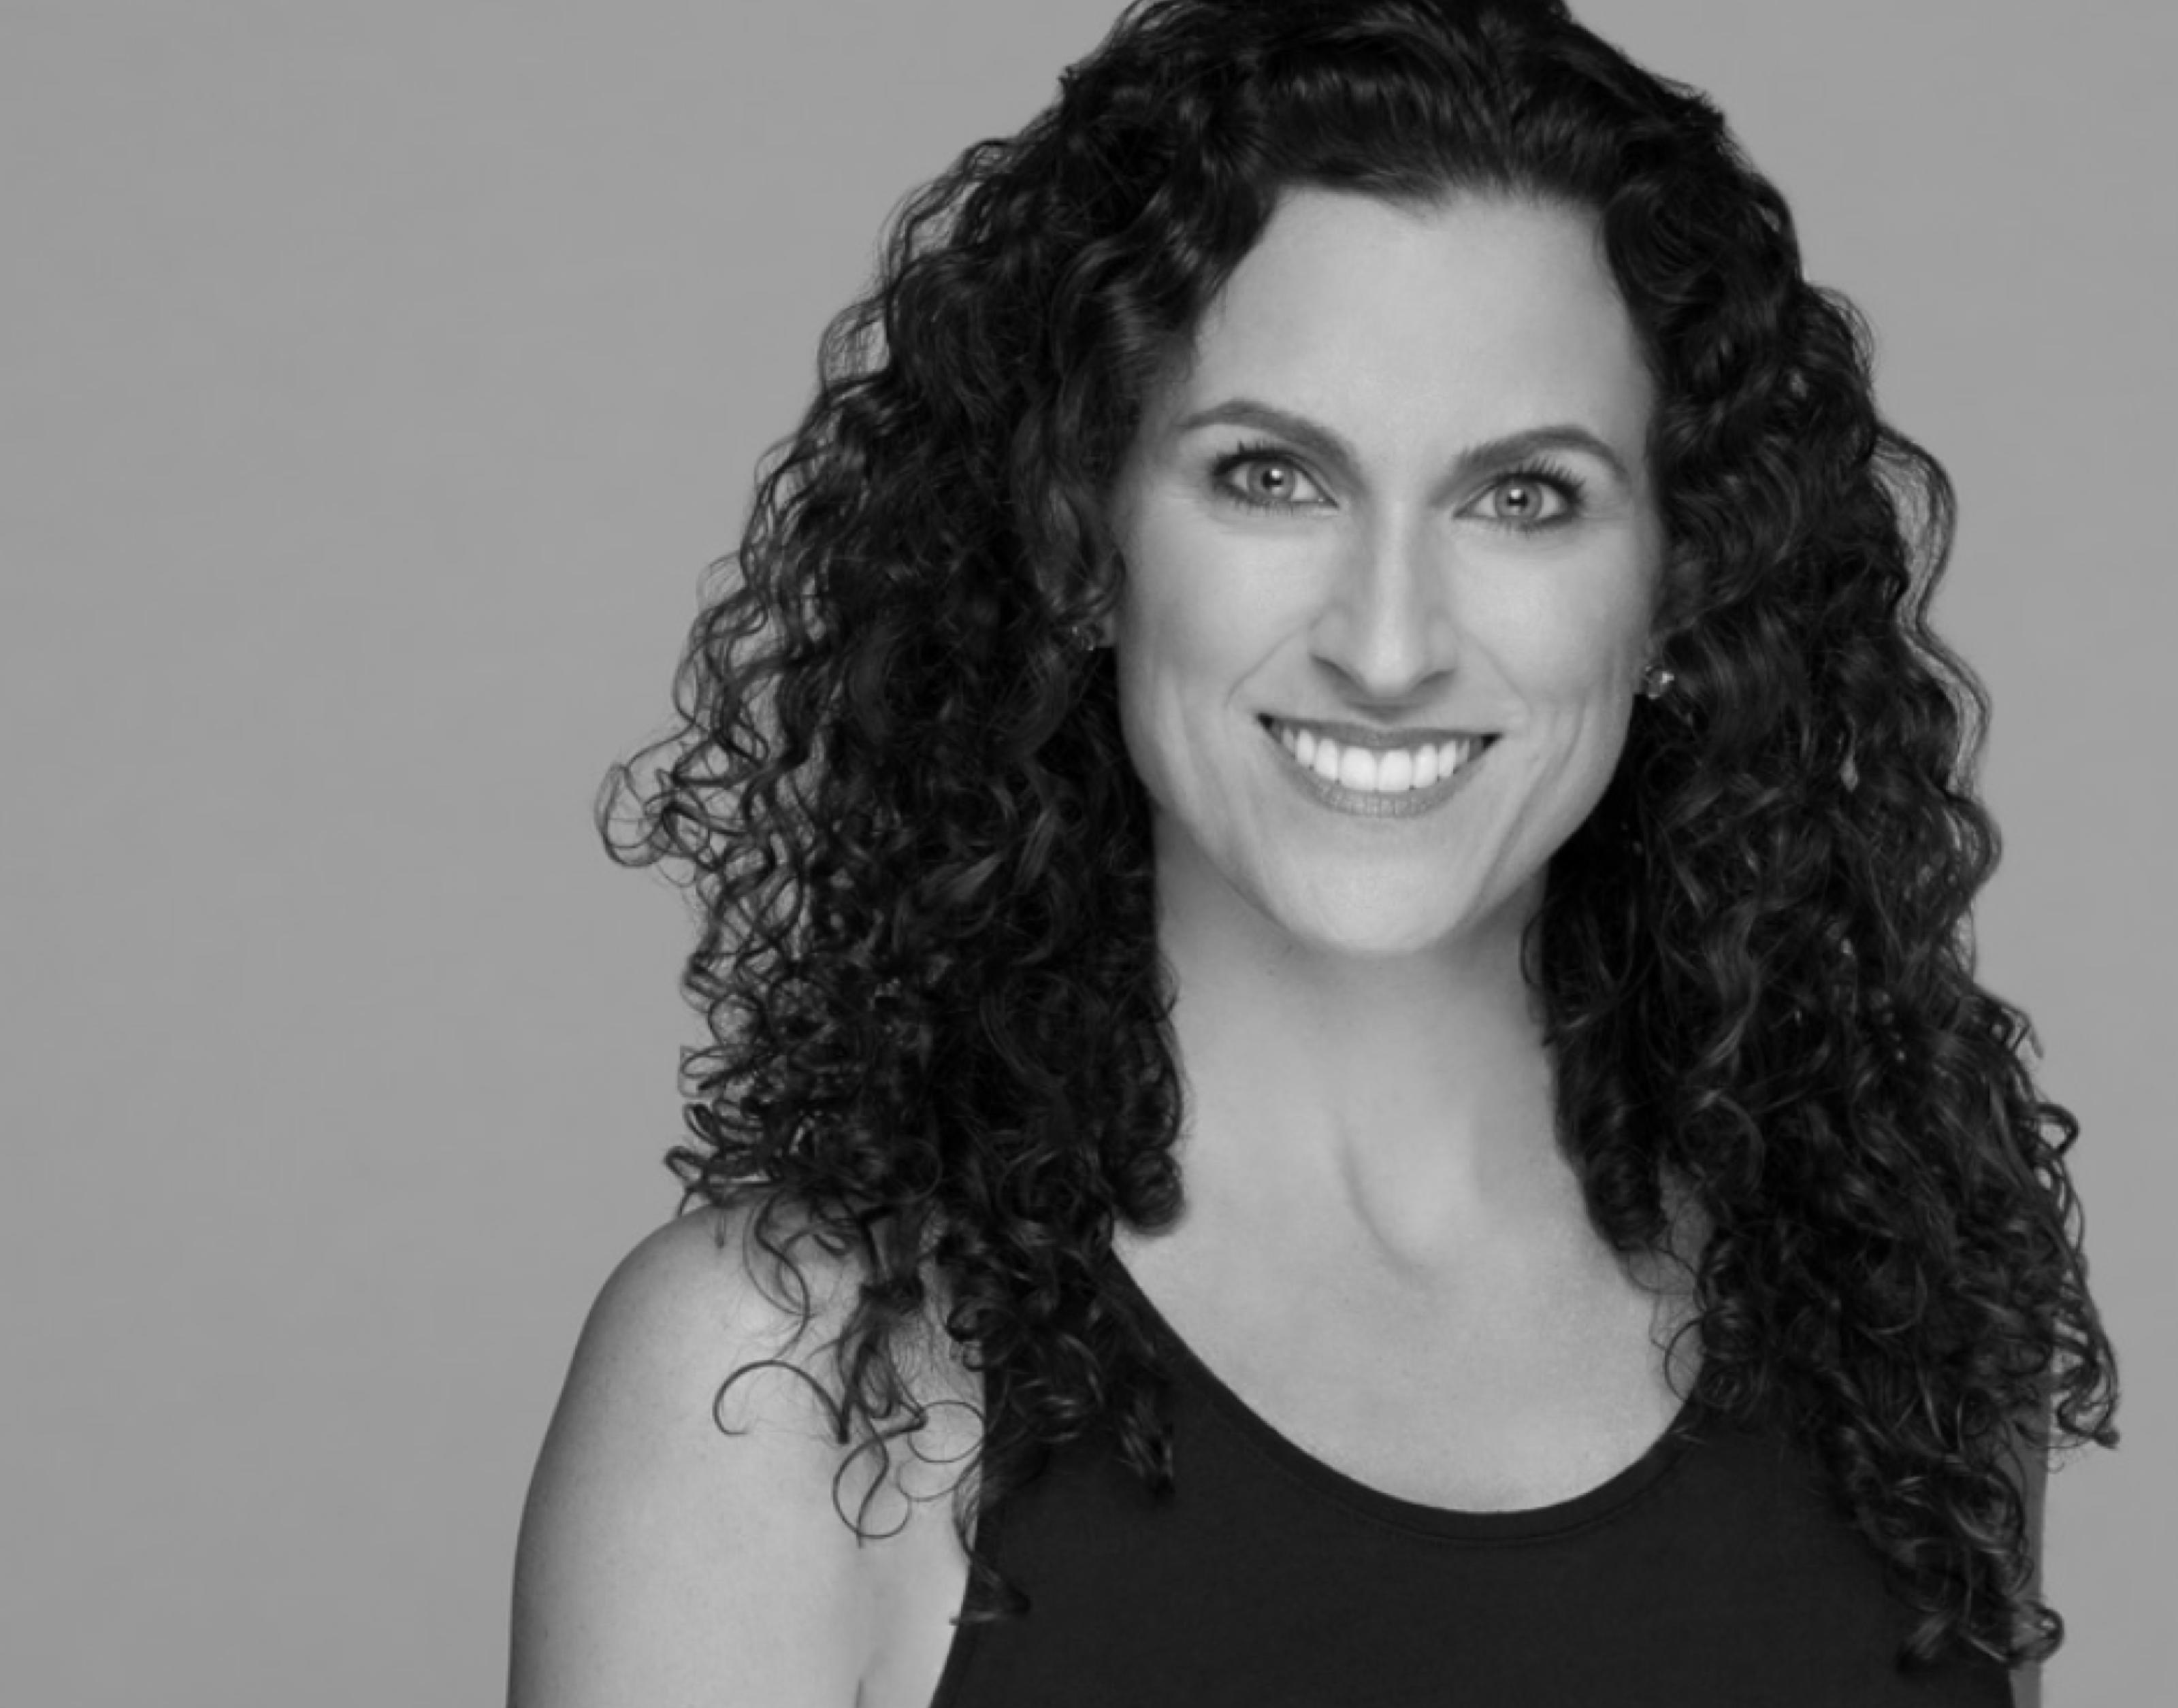 Dr. Sarah Sarkis